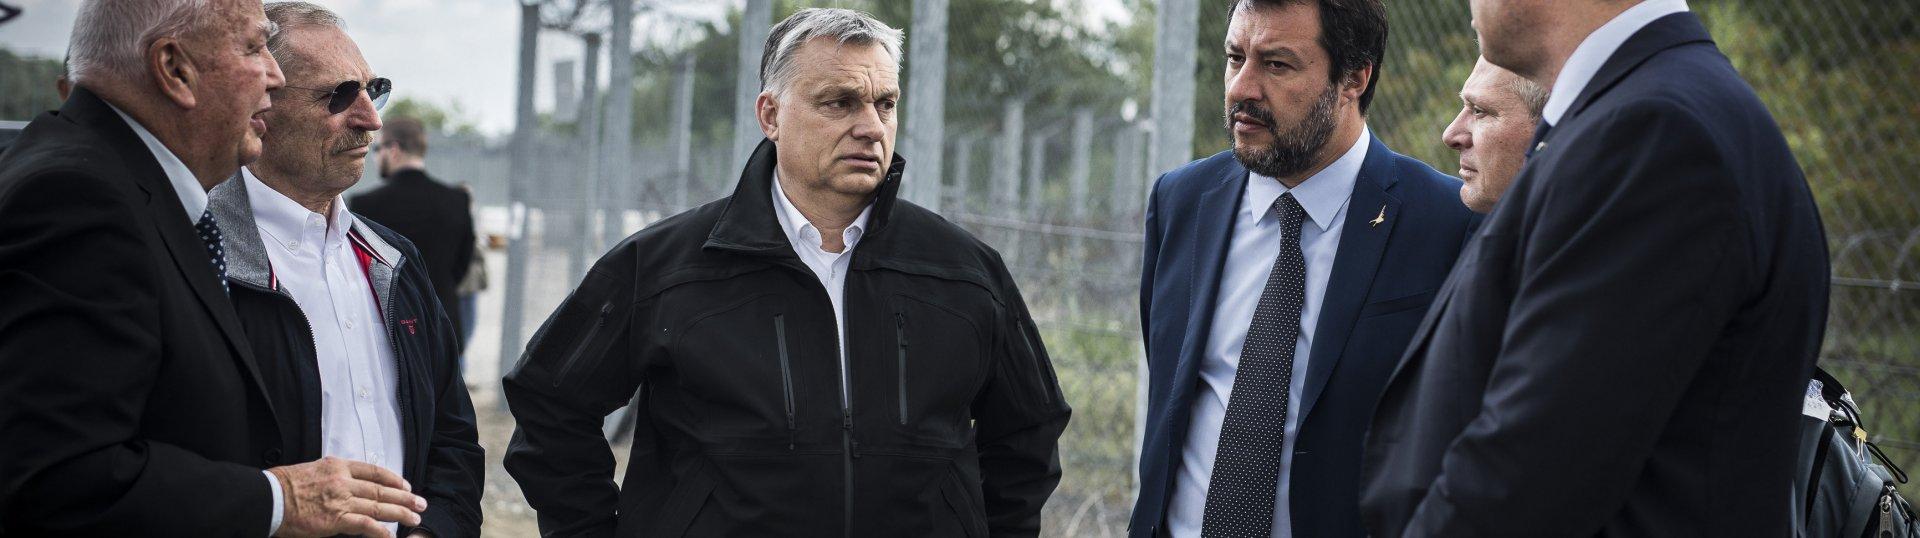 Új publikáció: Orbán's political jackpot: migration and the Hungarian electorate